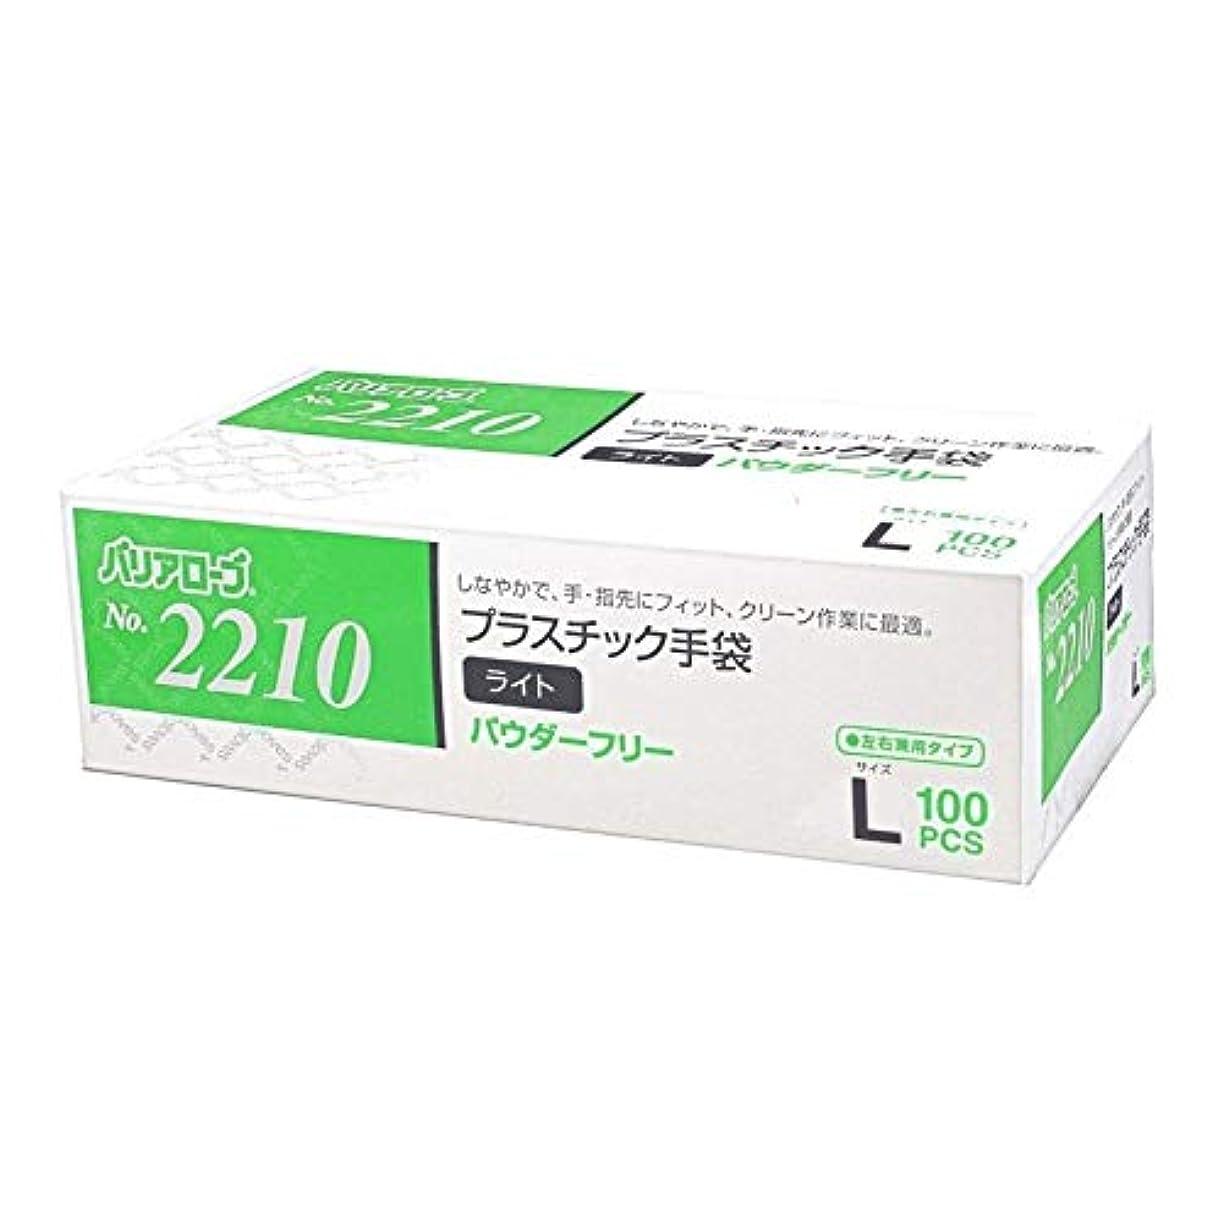 従者在庫ディンカルビル【ケース販売】 バリアローブ №2210 プラスチック手袋 ライト (パウダーフリー) L 2000枚(100枚×20箱)